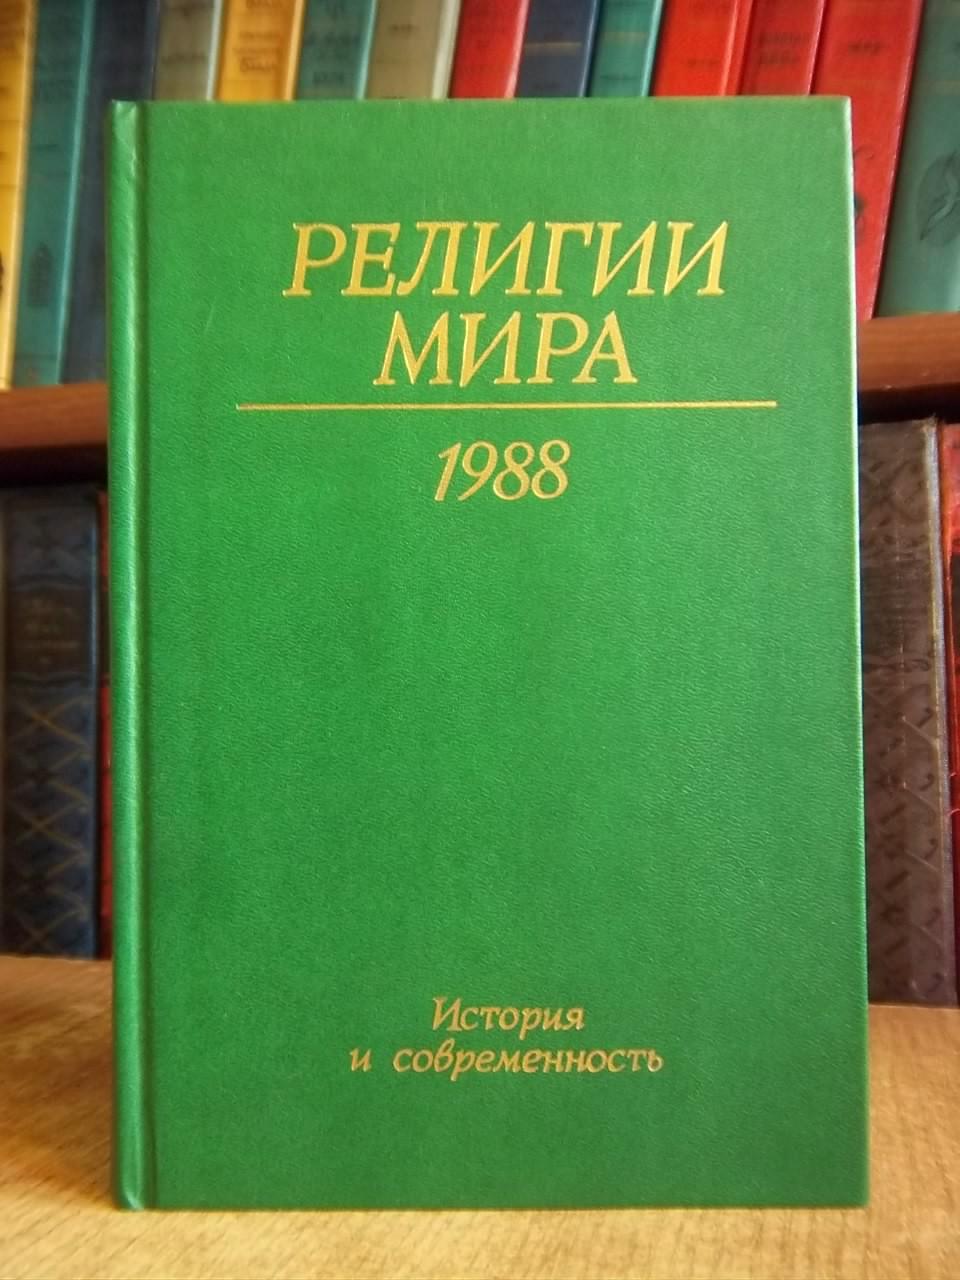 Религии мира История и современность Ежегодник 1988